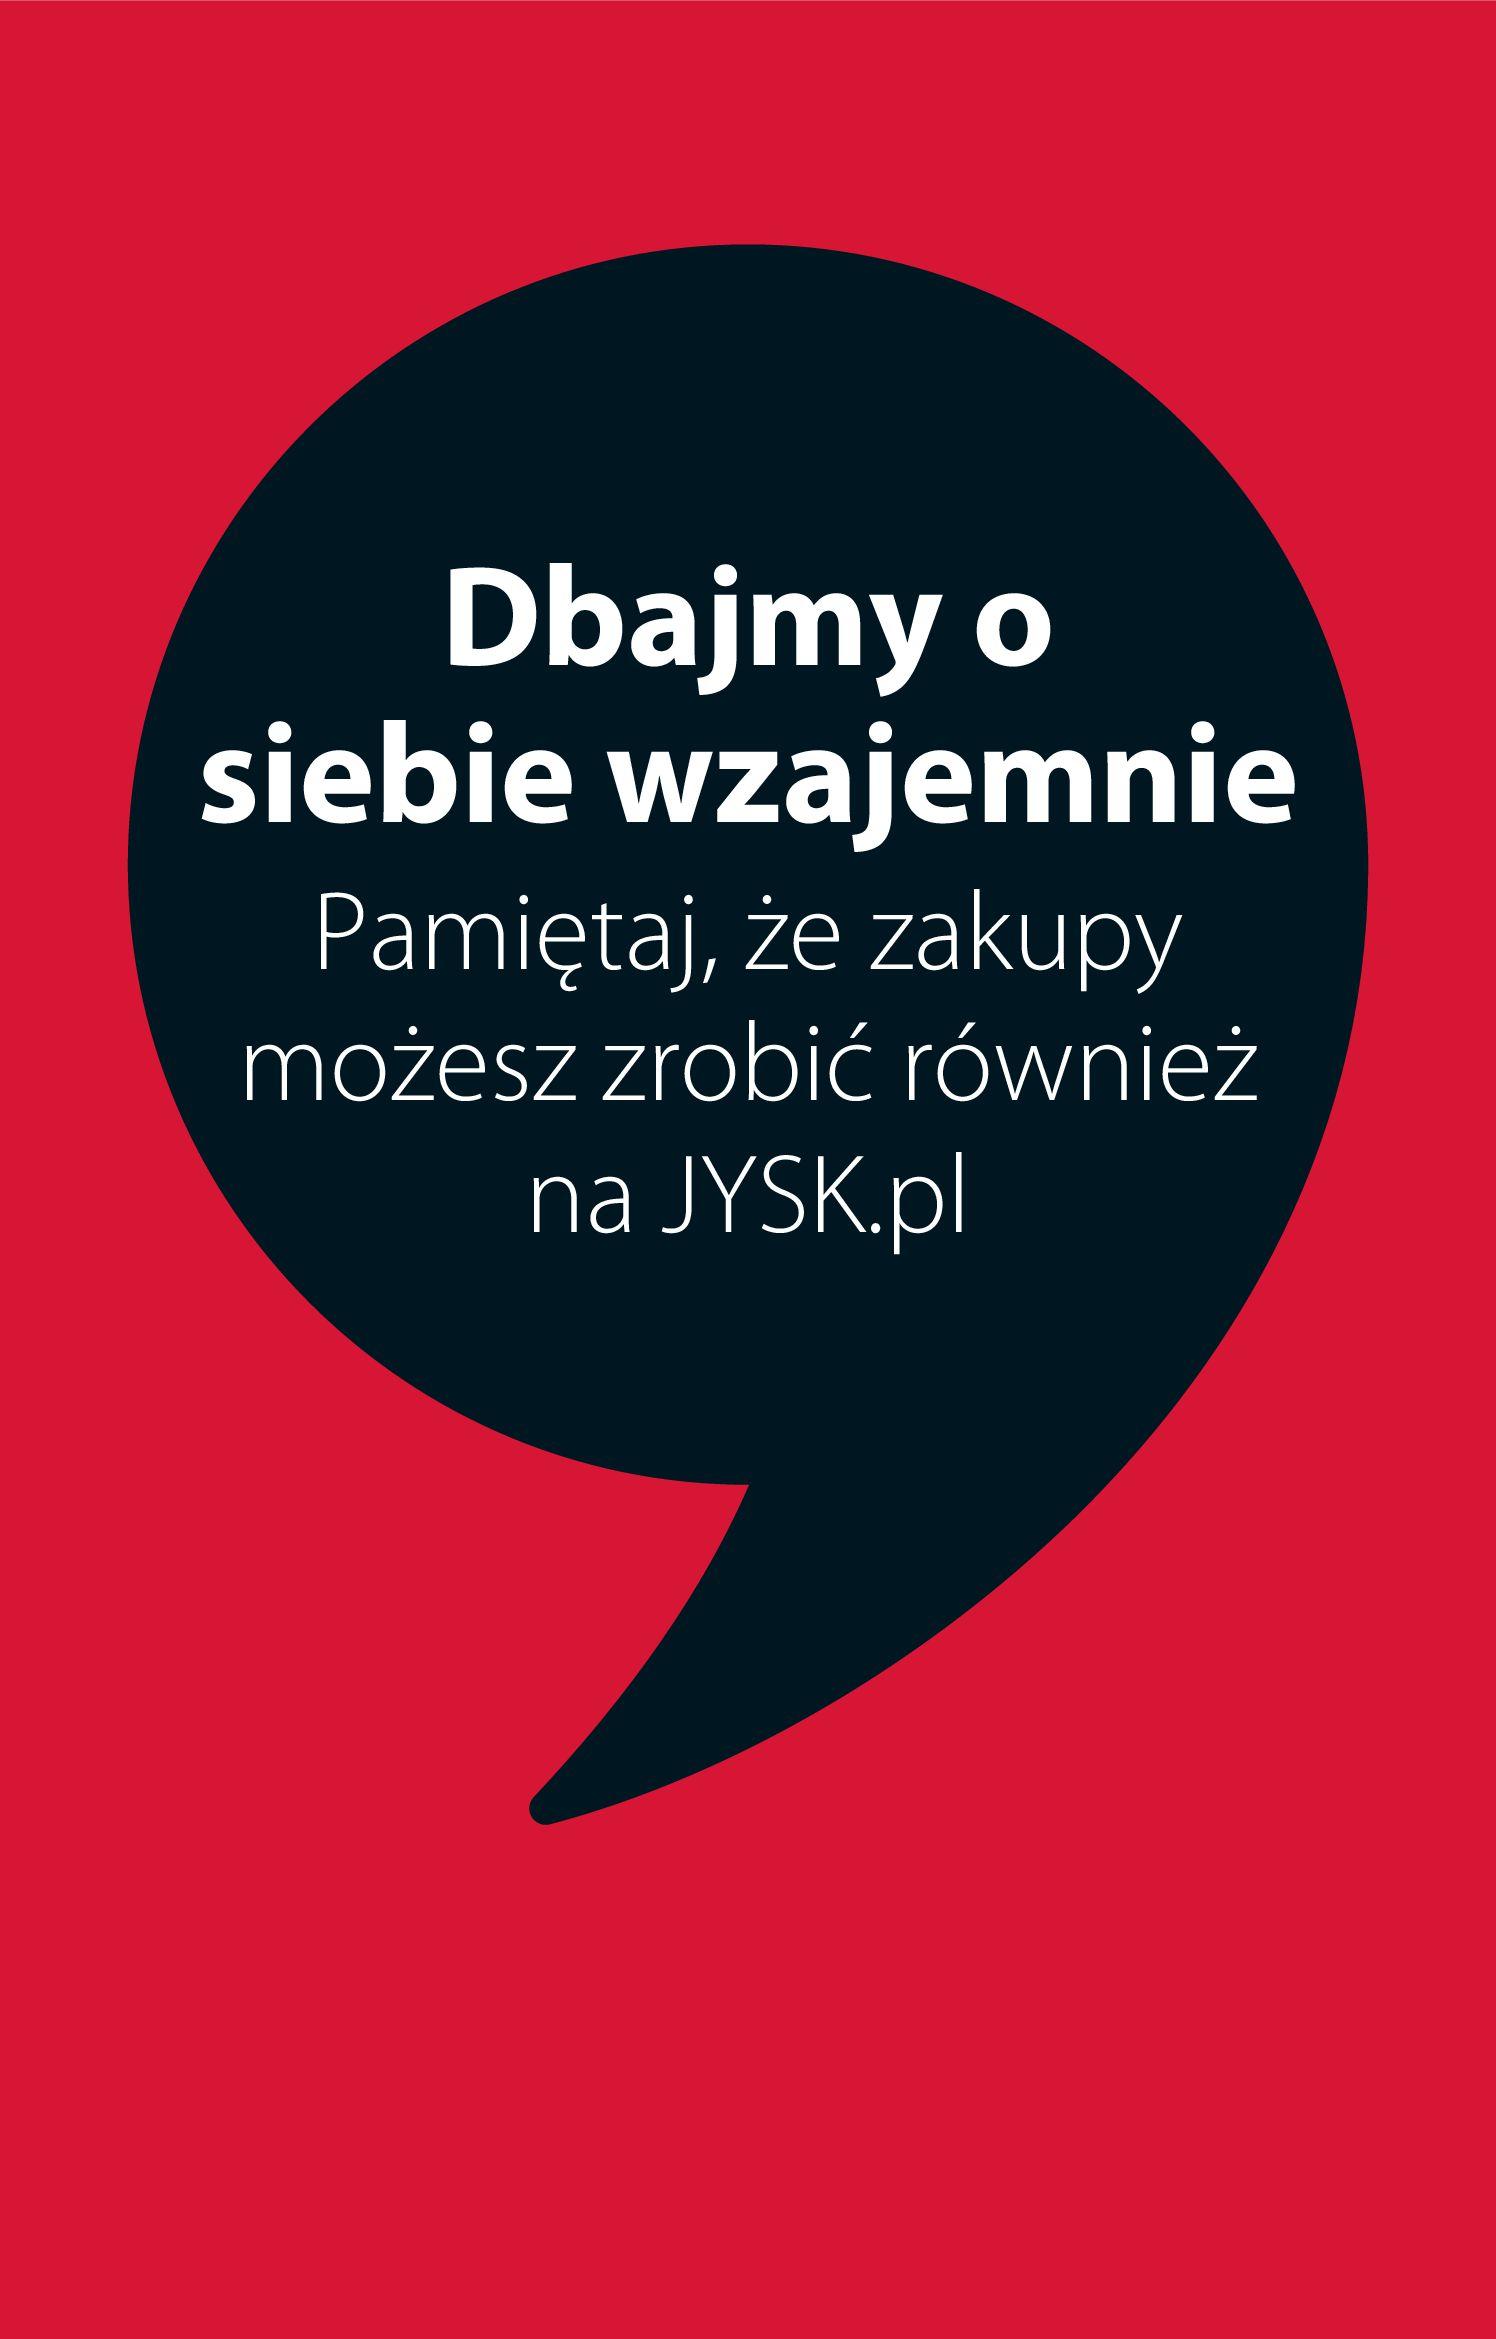 Jysk:  Gazetka Jysk - Ostateczna wyprzedaż 27.07.2021